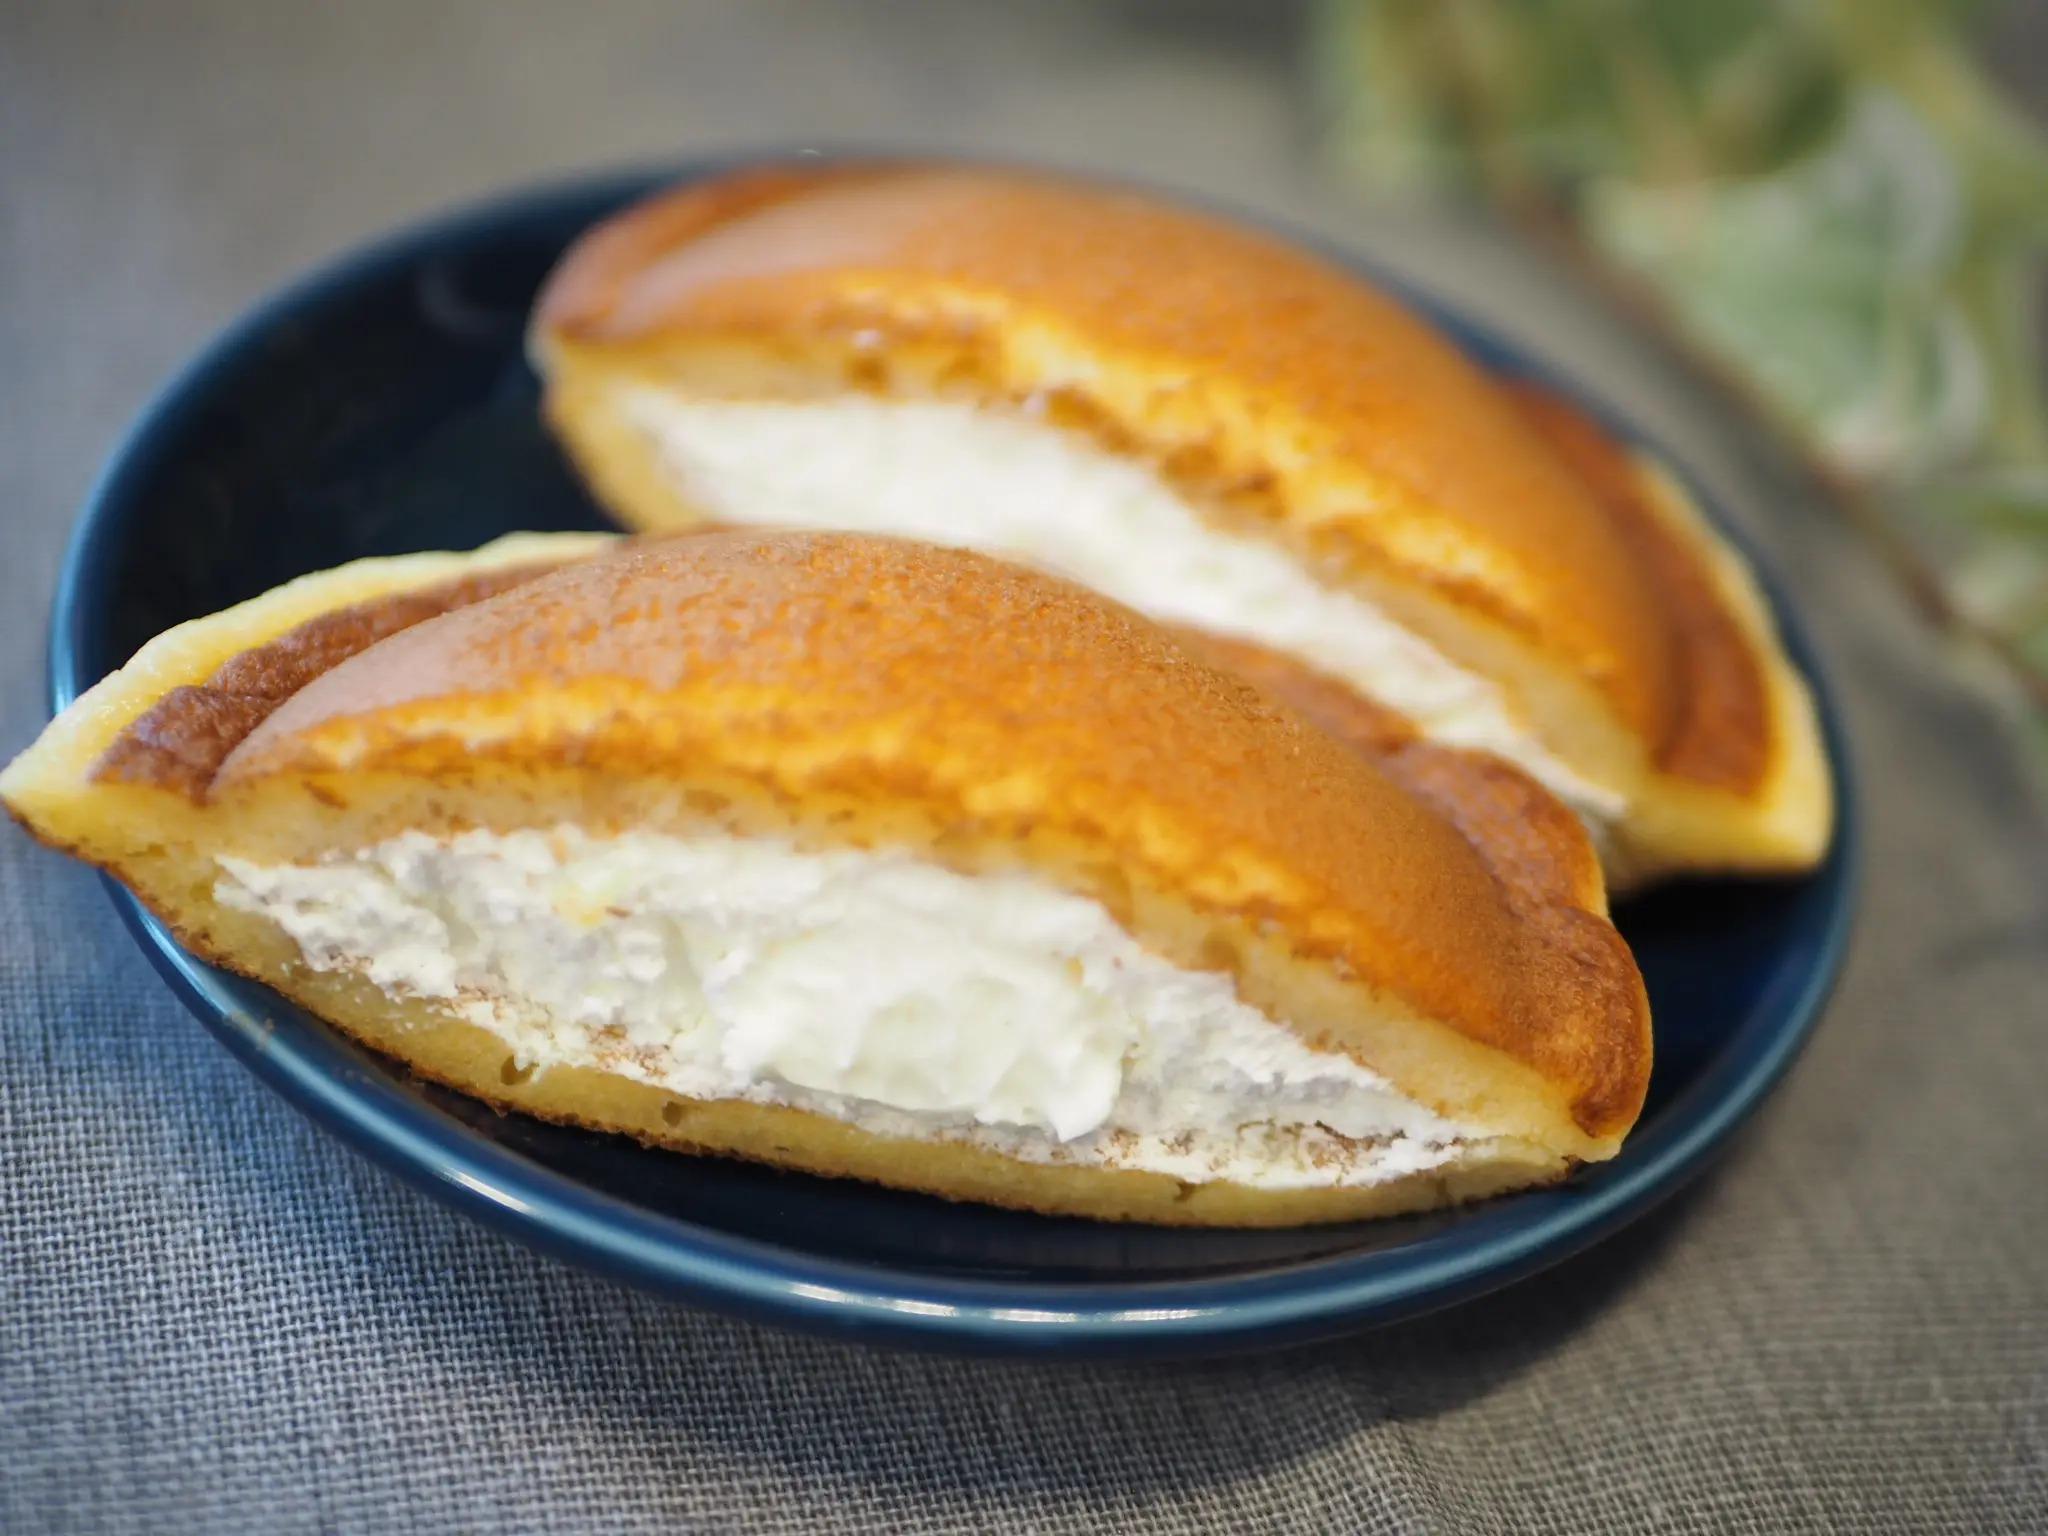 『ローソン』の新作スイーツ「Uchi Café × Milk MILKどらもっち 練乳ソース入り」